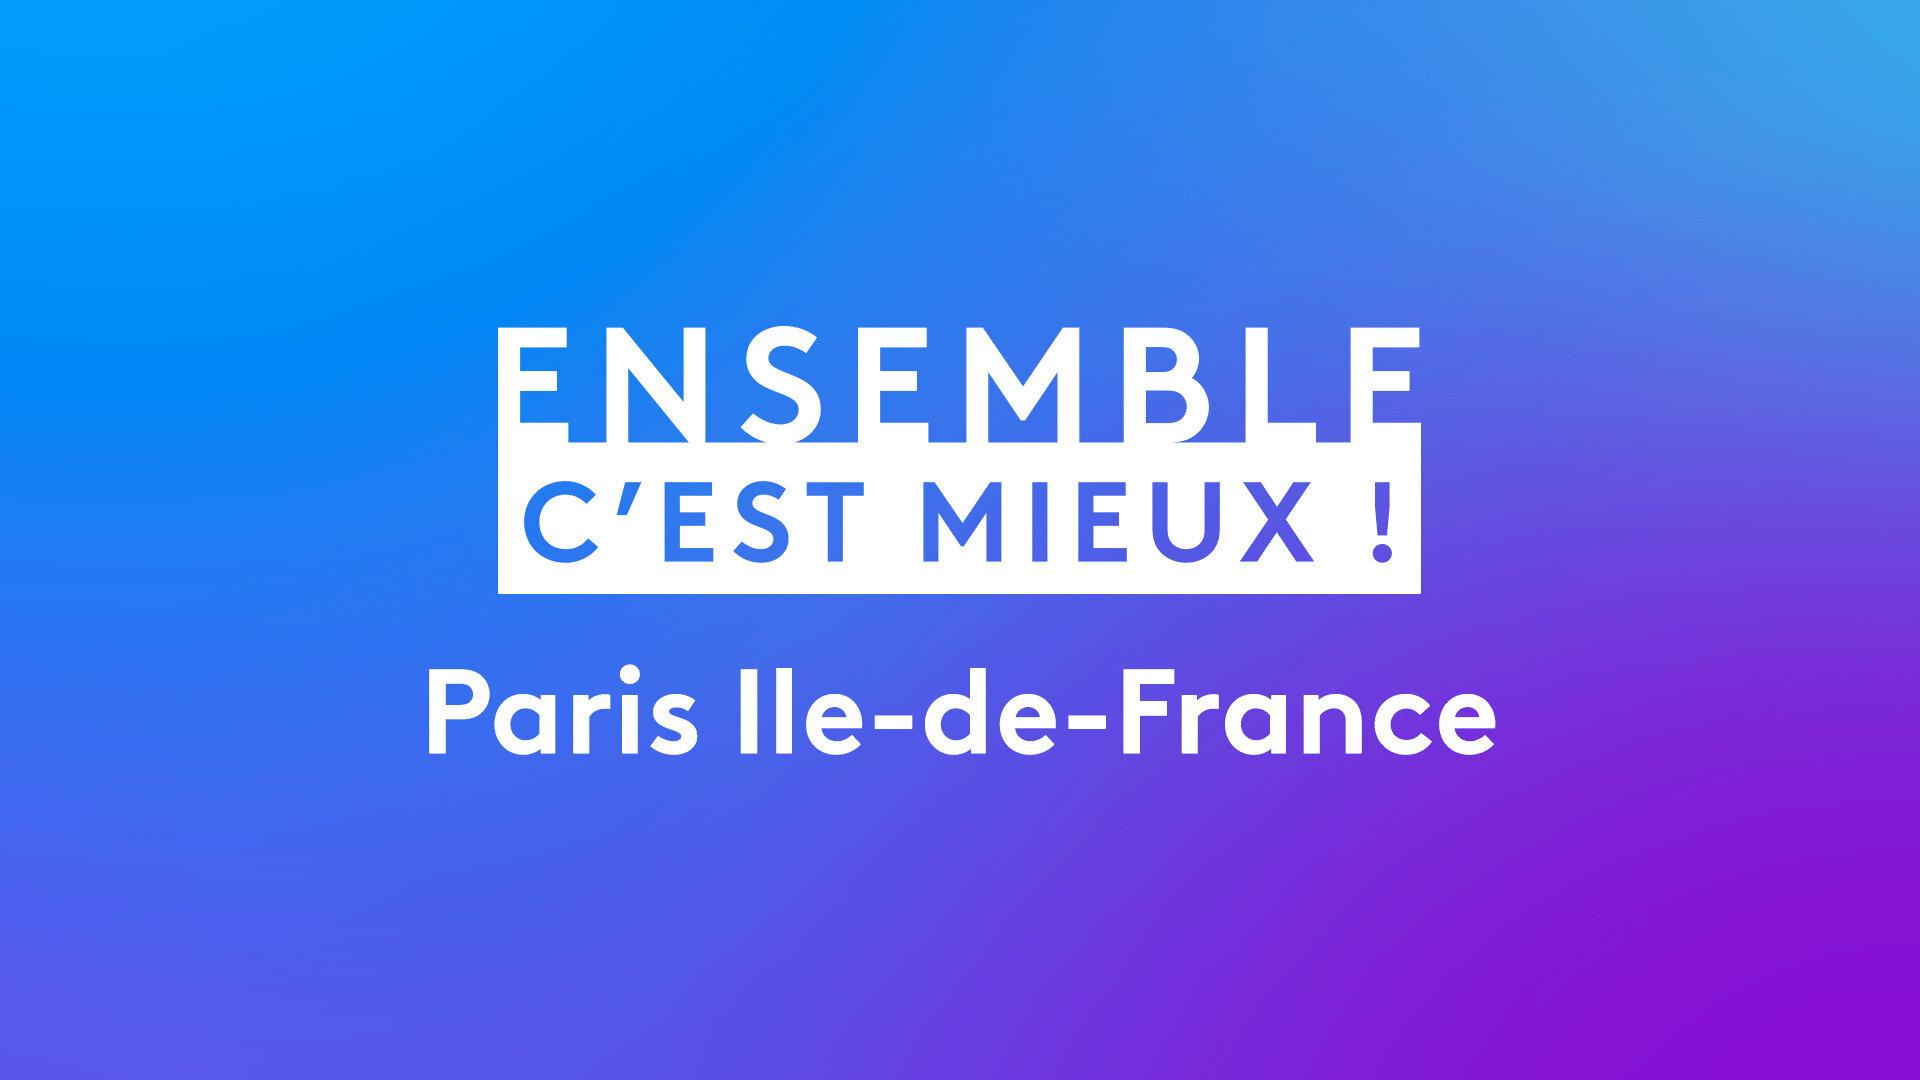 Ensemble c'est mieux ! Paris Ile-de-France : L'explosion des cyber-attaques